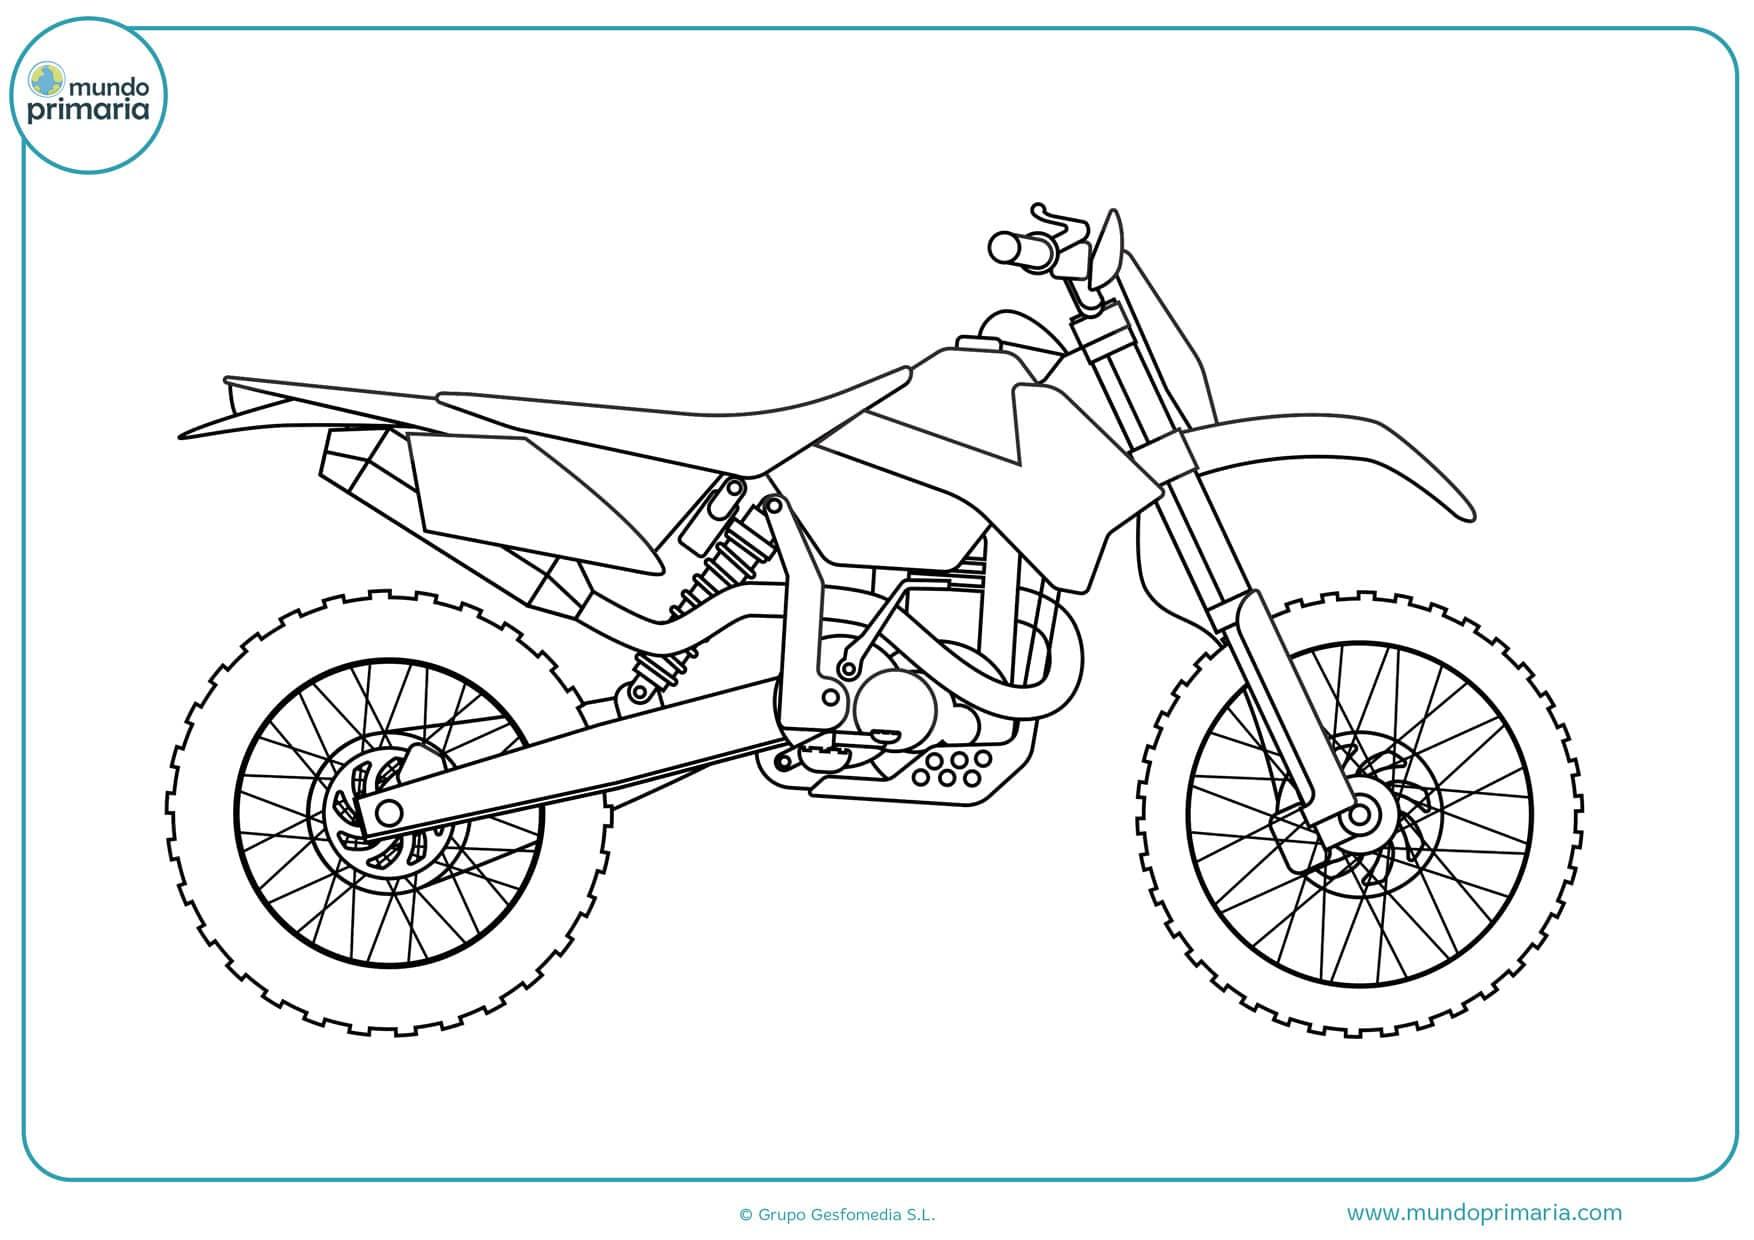 Dibujos De Motos Para Colorear 【imprimir Y Pintar】